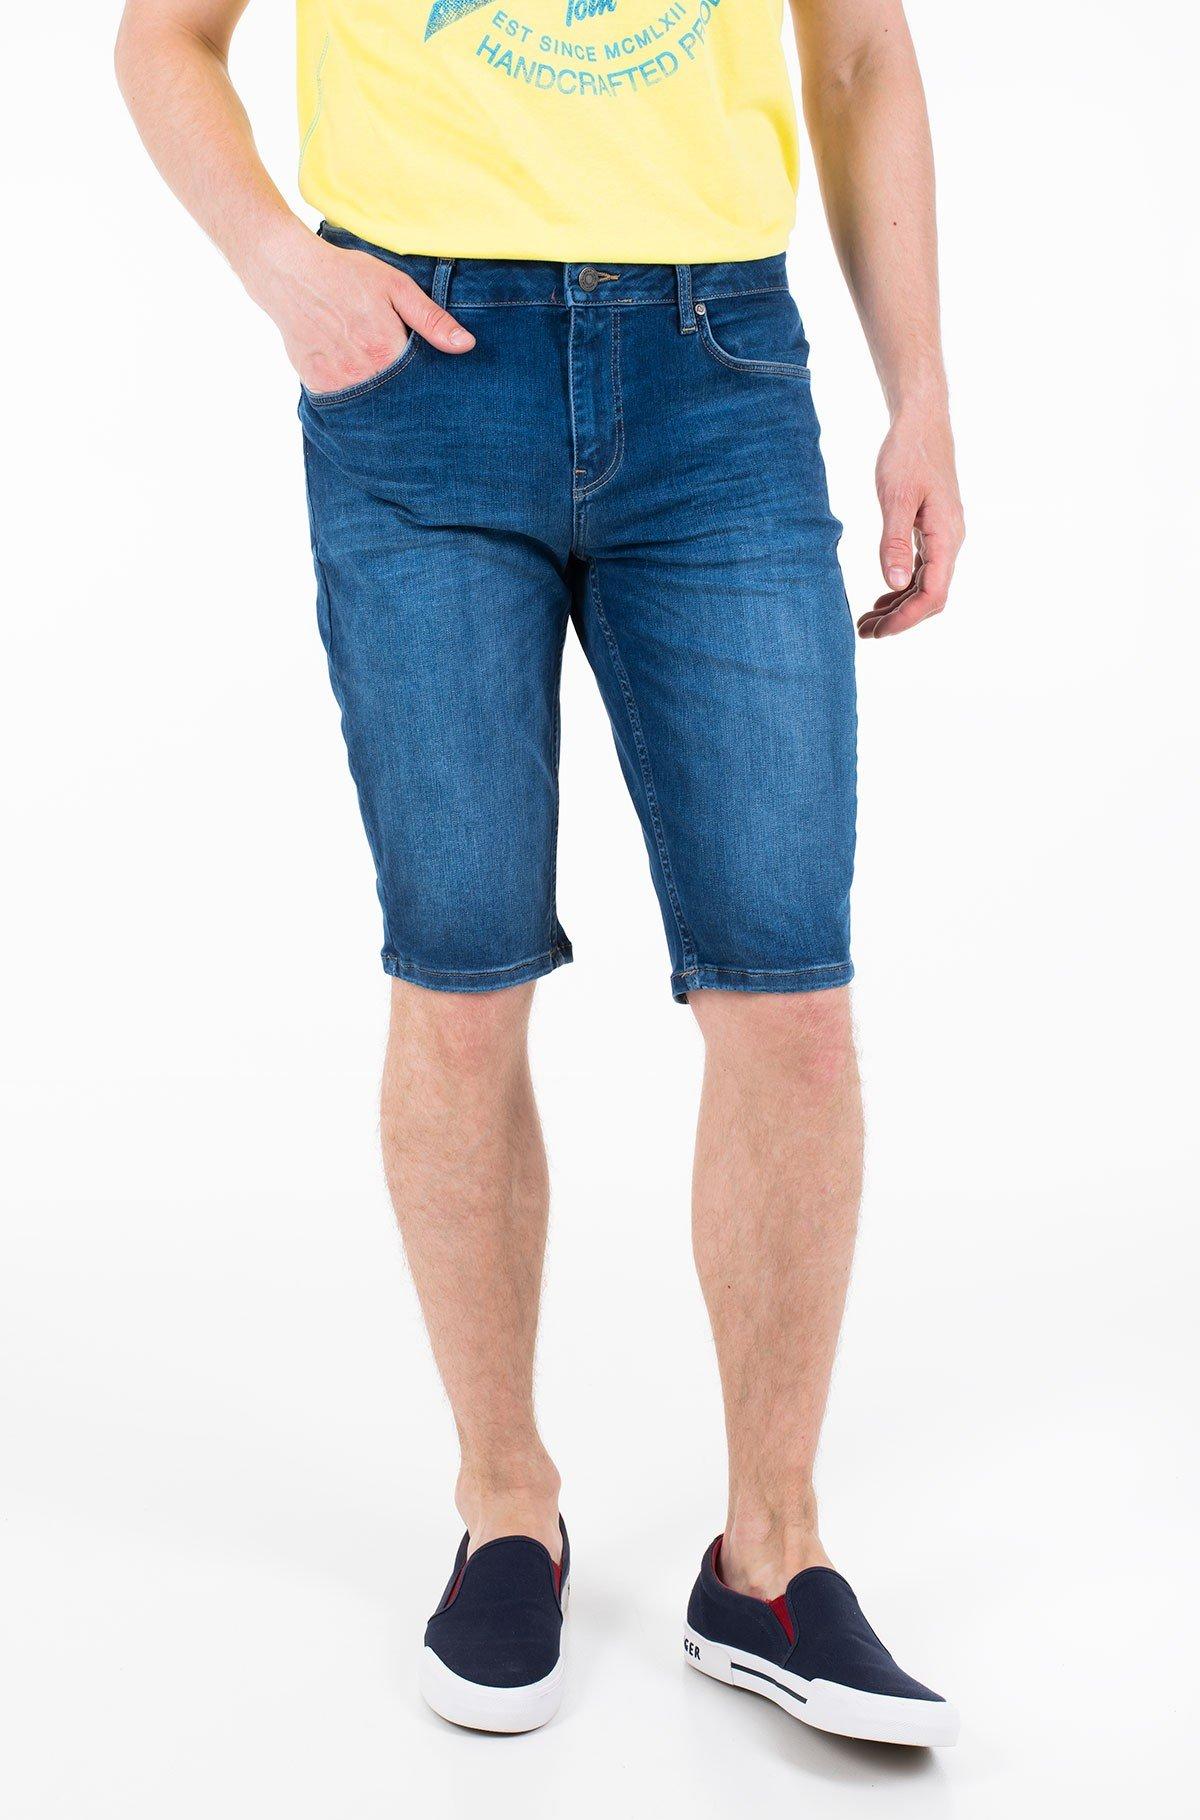 Šortai Jaanus03 shorts-full-1